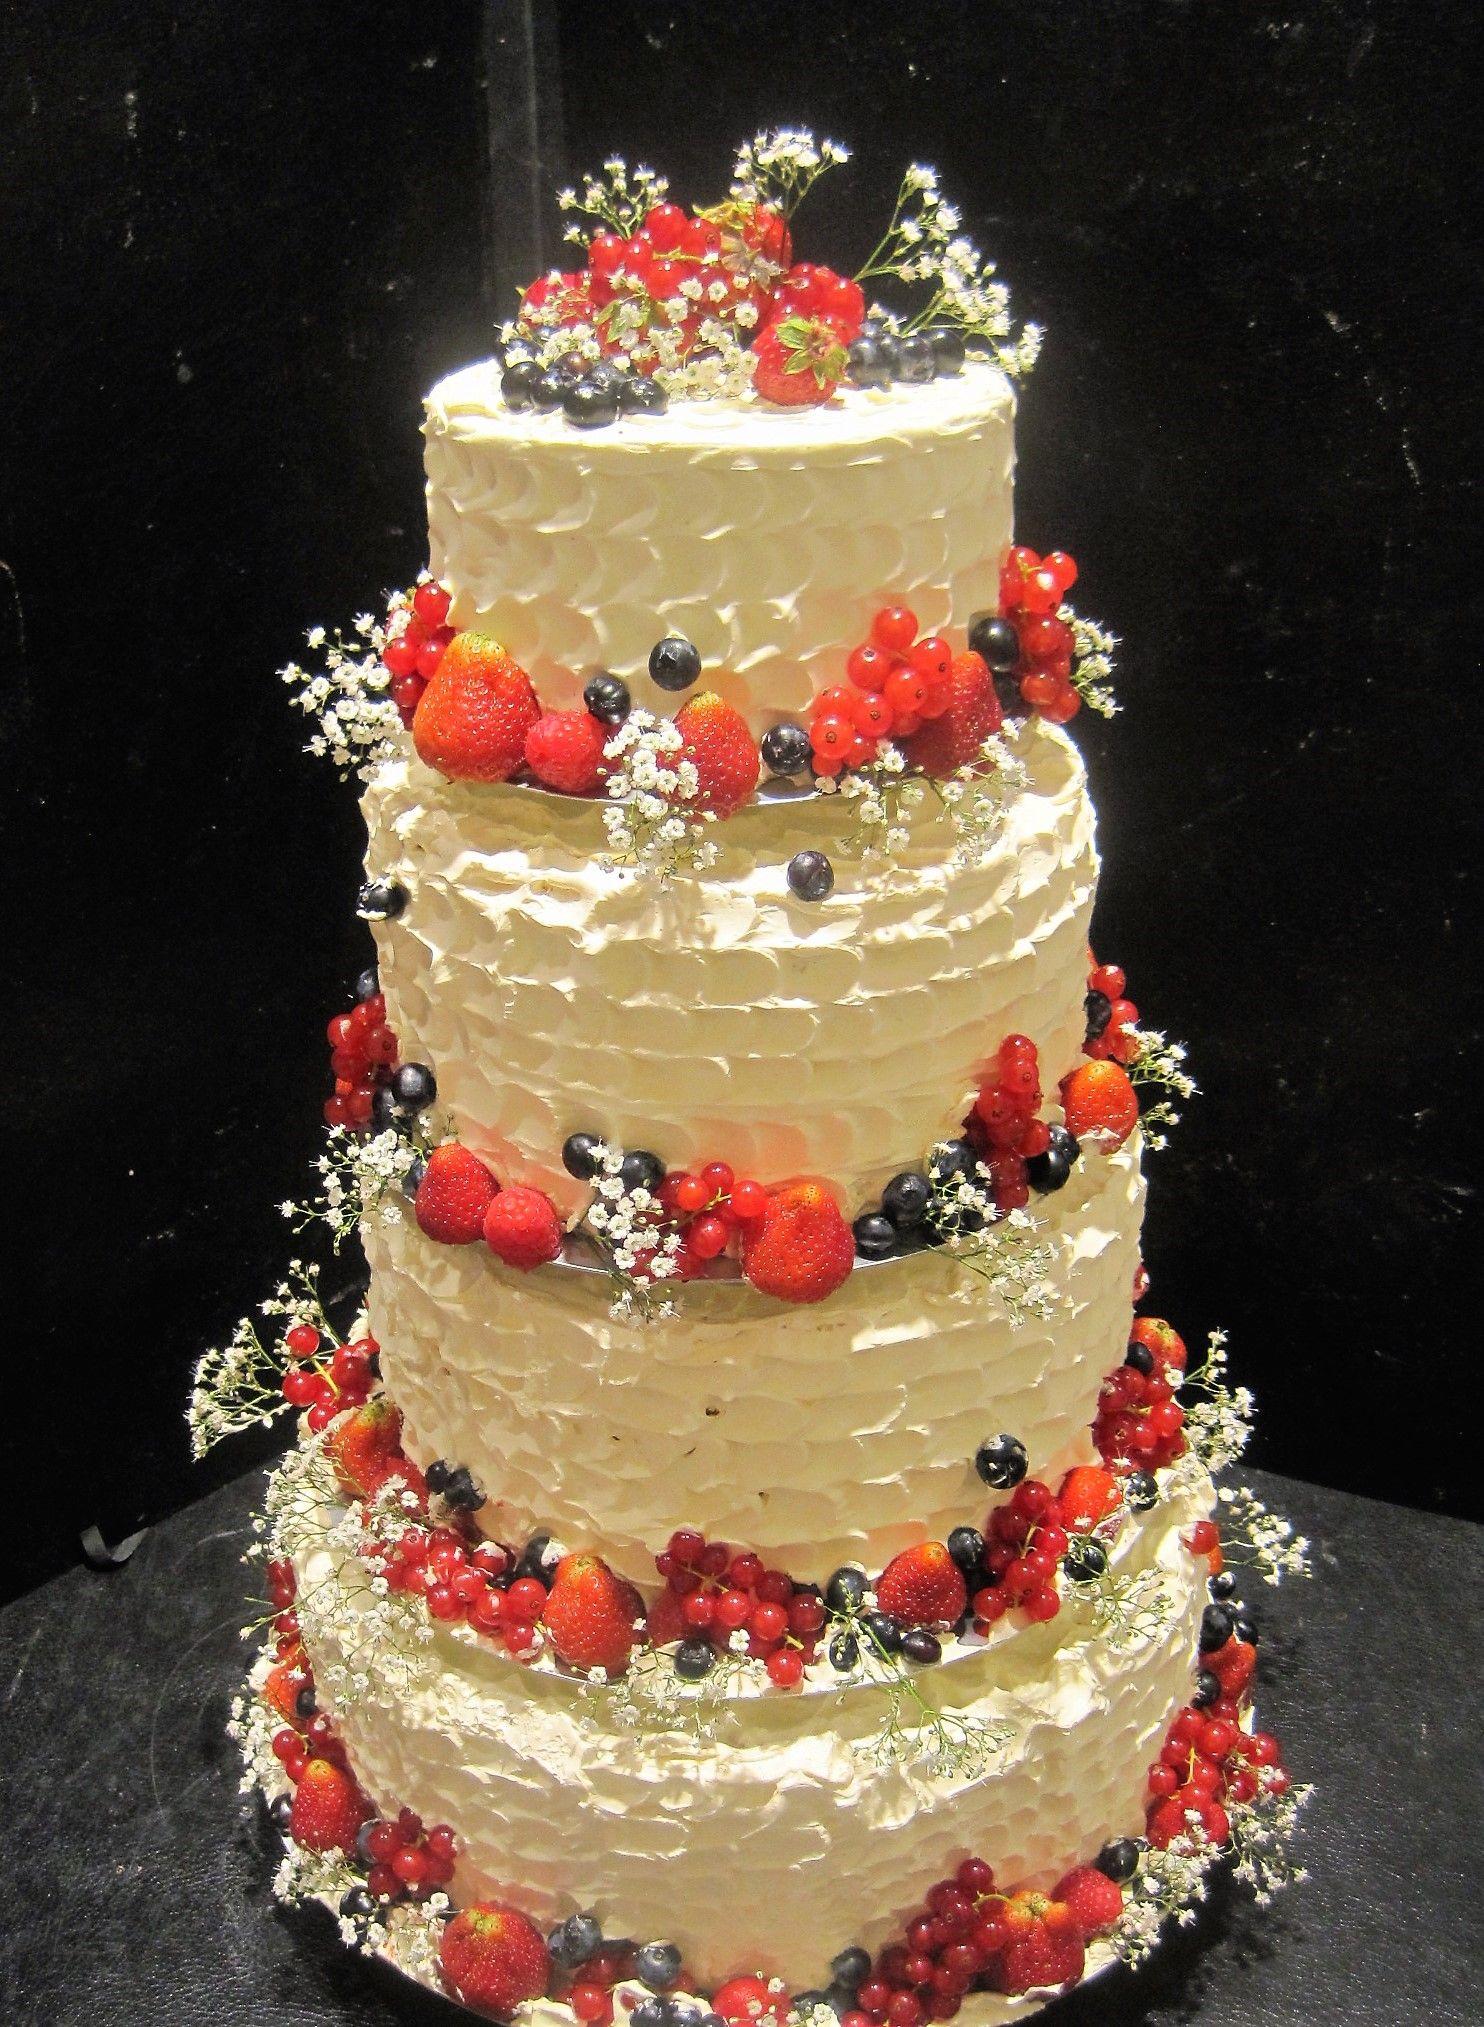 Naked cake hochzeitstorte mit buttercreme eingestrichen und mit frischen beeren dekoriert - Hochzeitstorte dekorieren ...